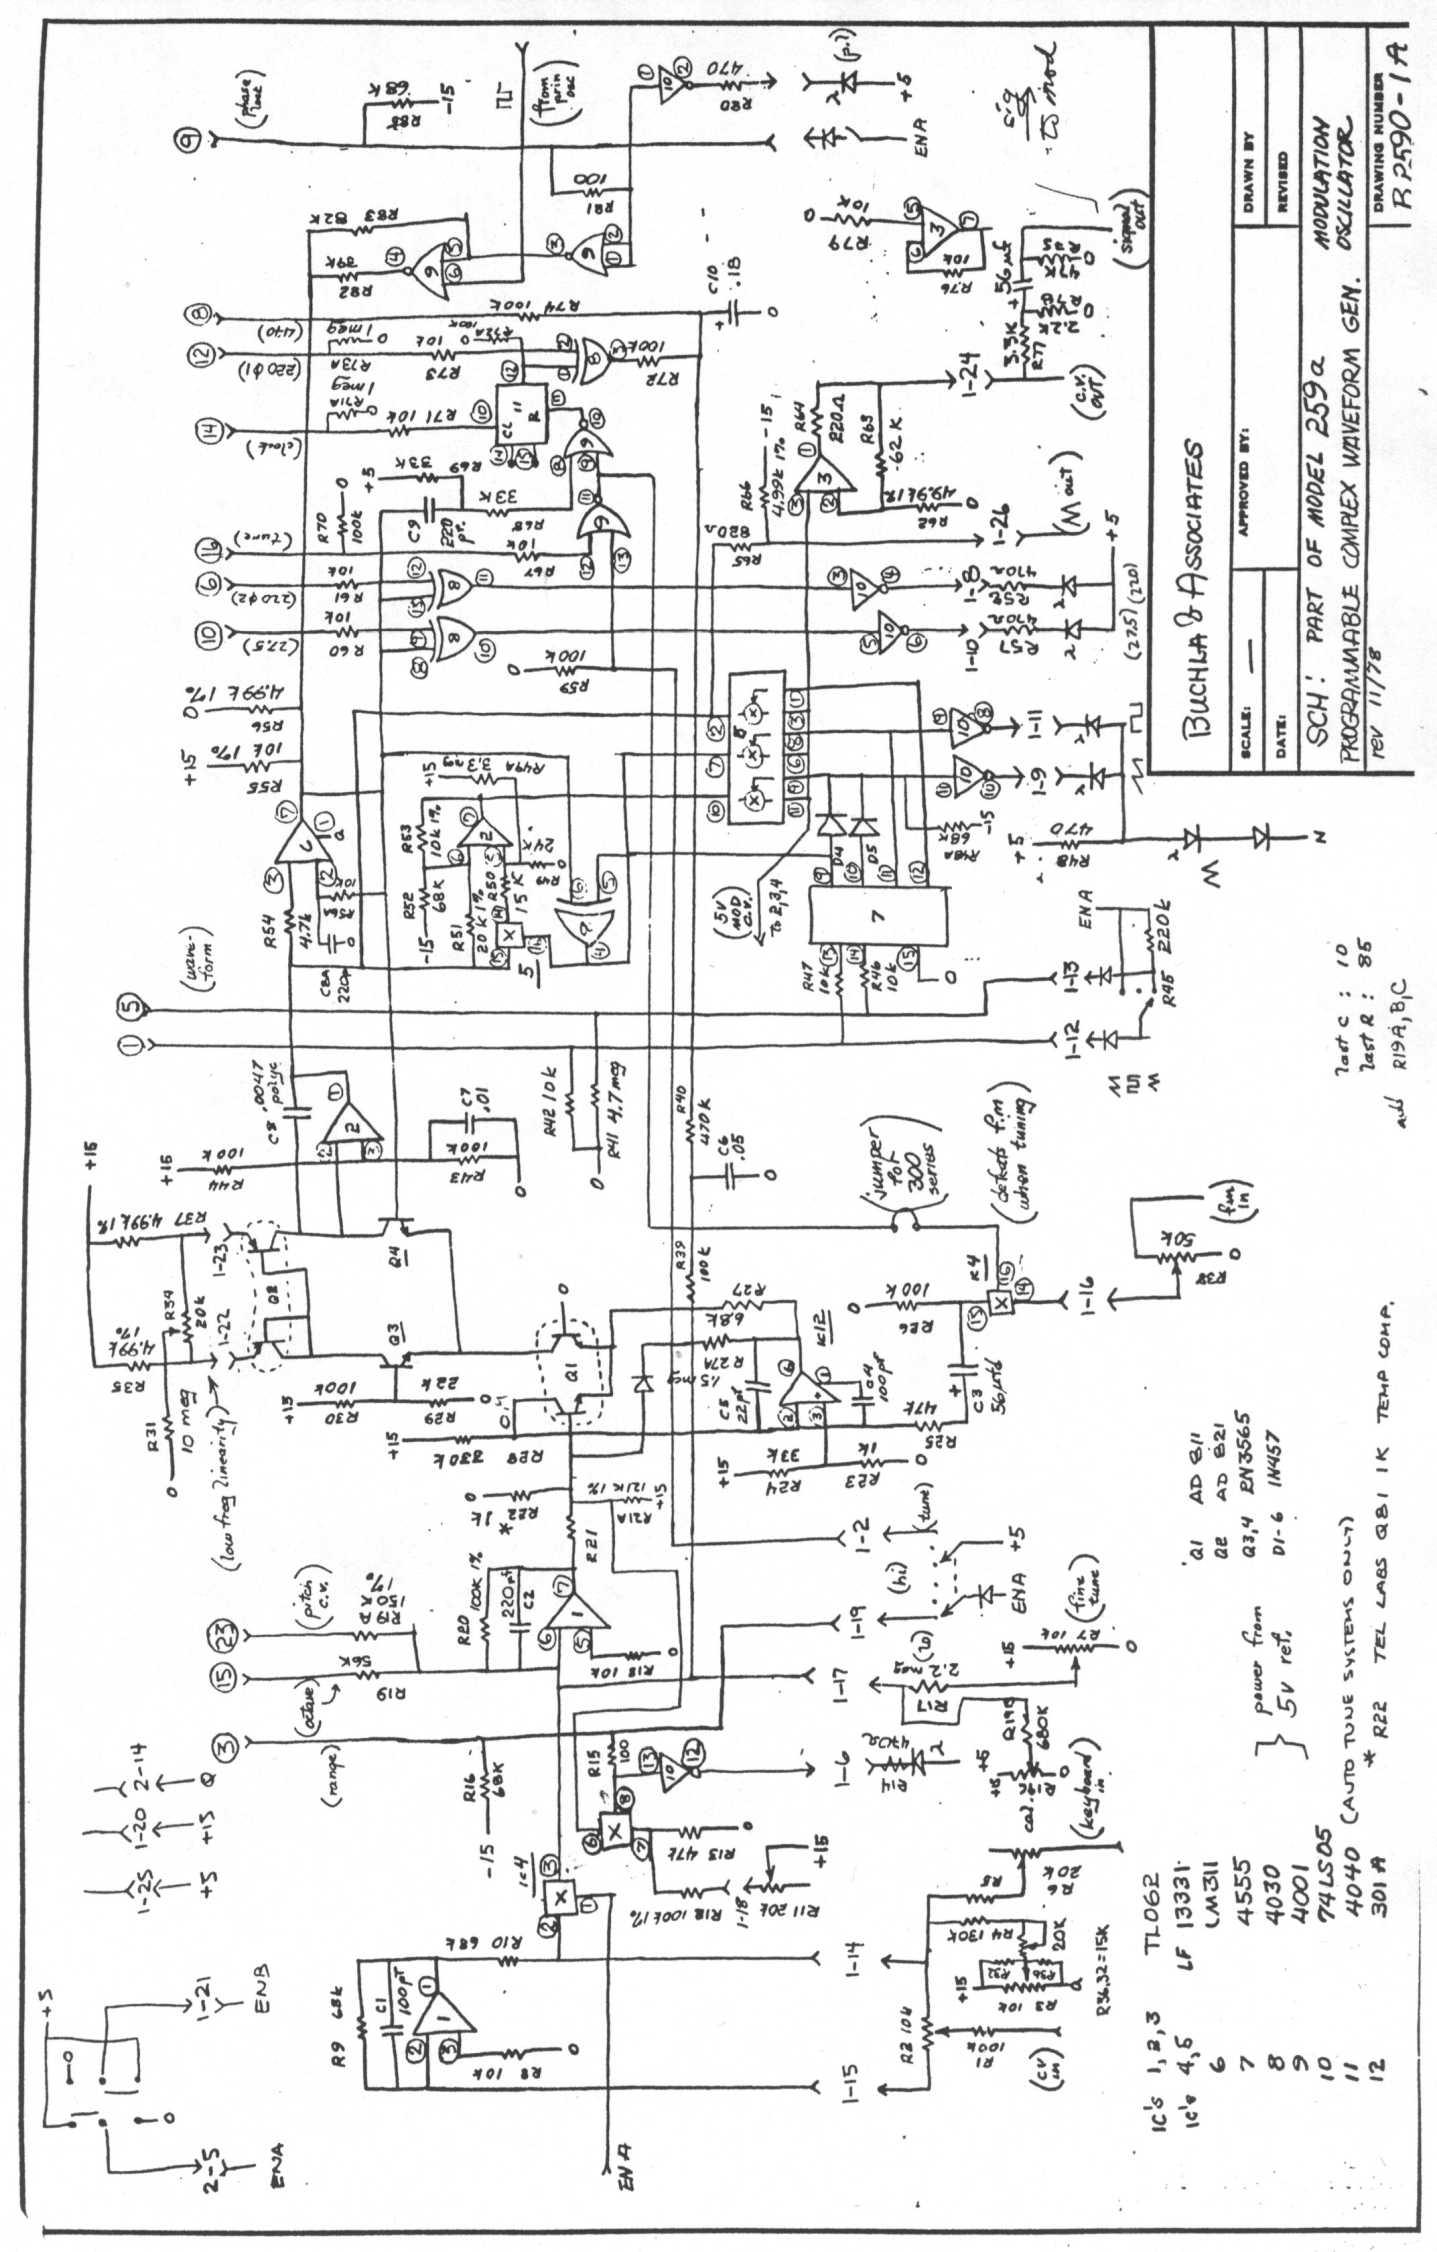 Synthfool Docs Buchla 200 259a